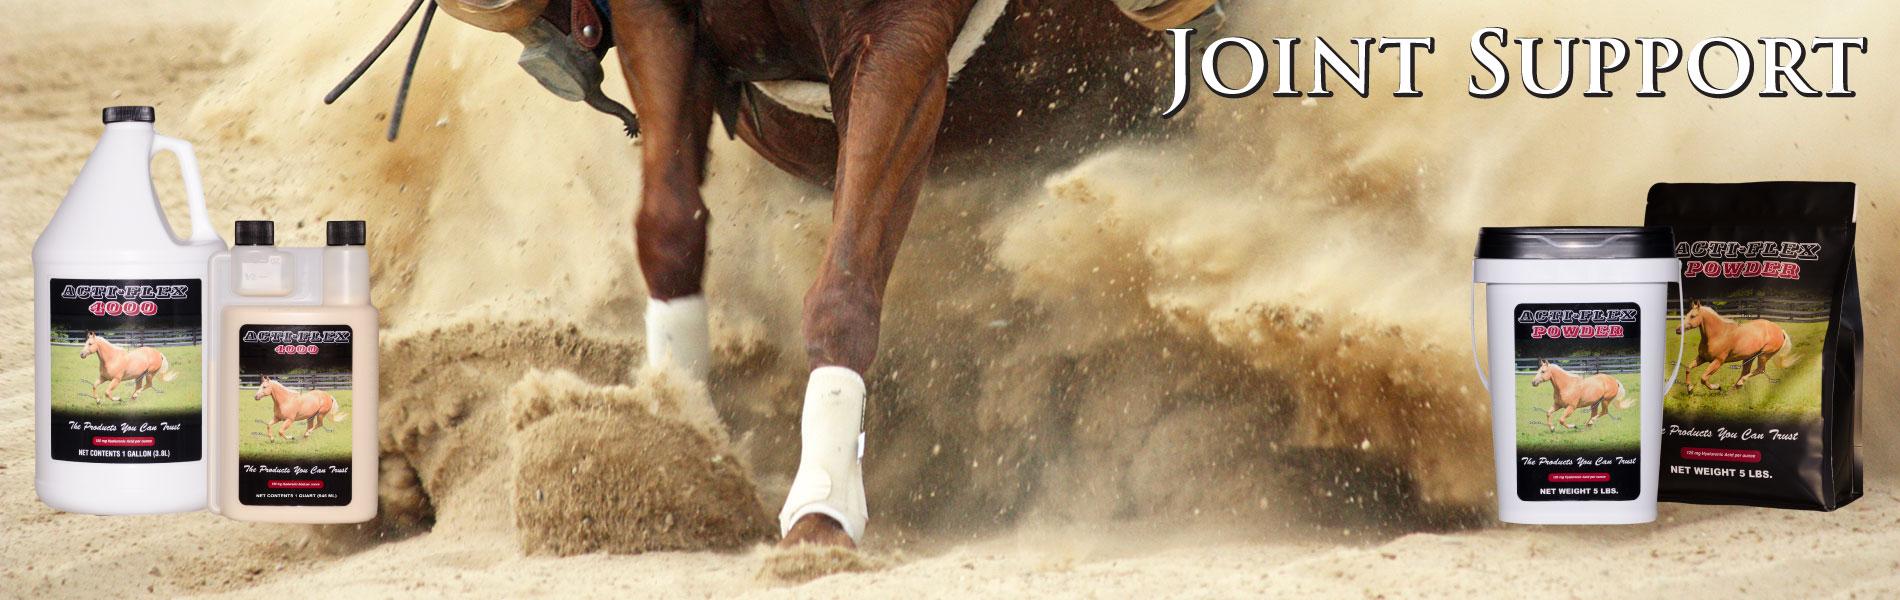 cox-vet-lab-acti-flex-horse-joint-supplement